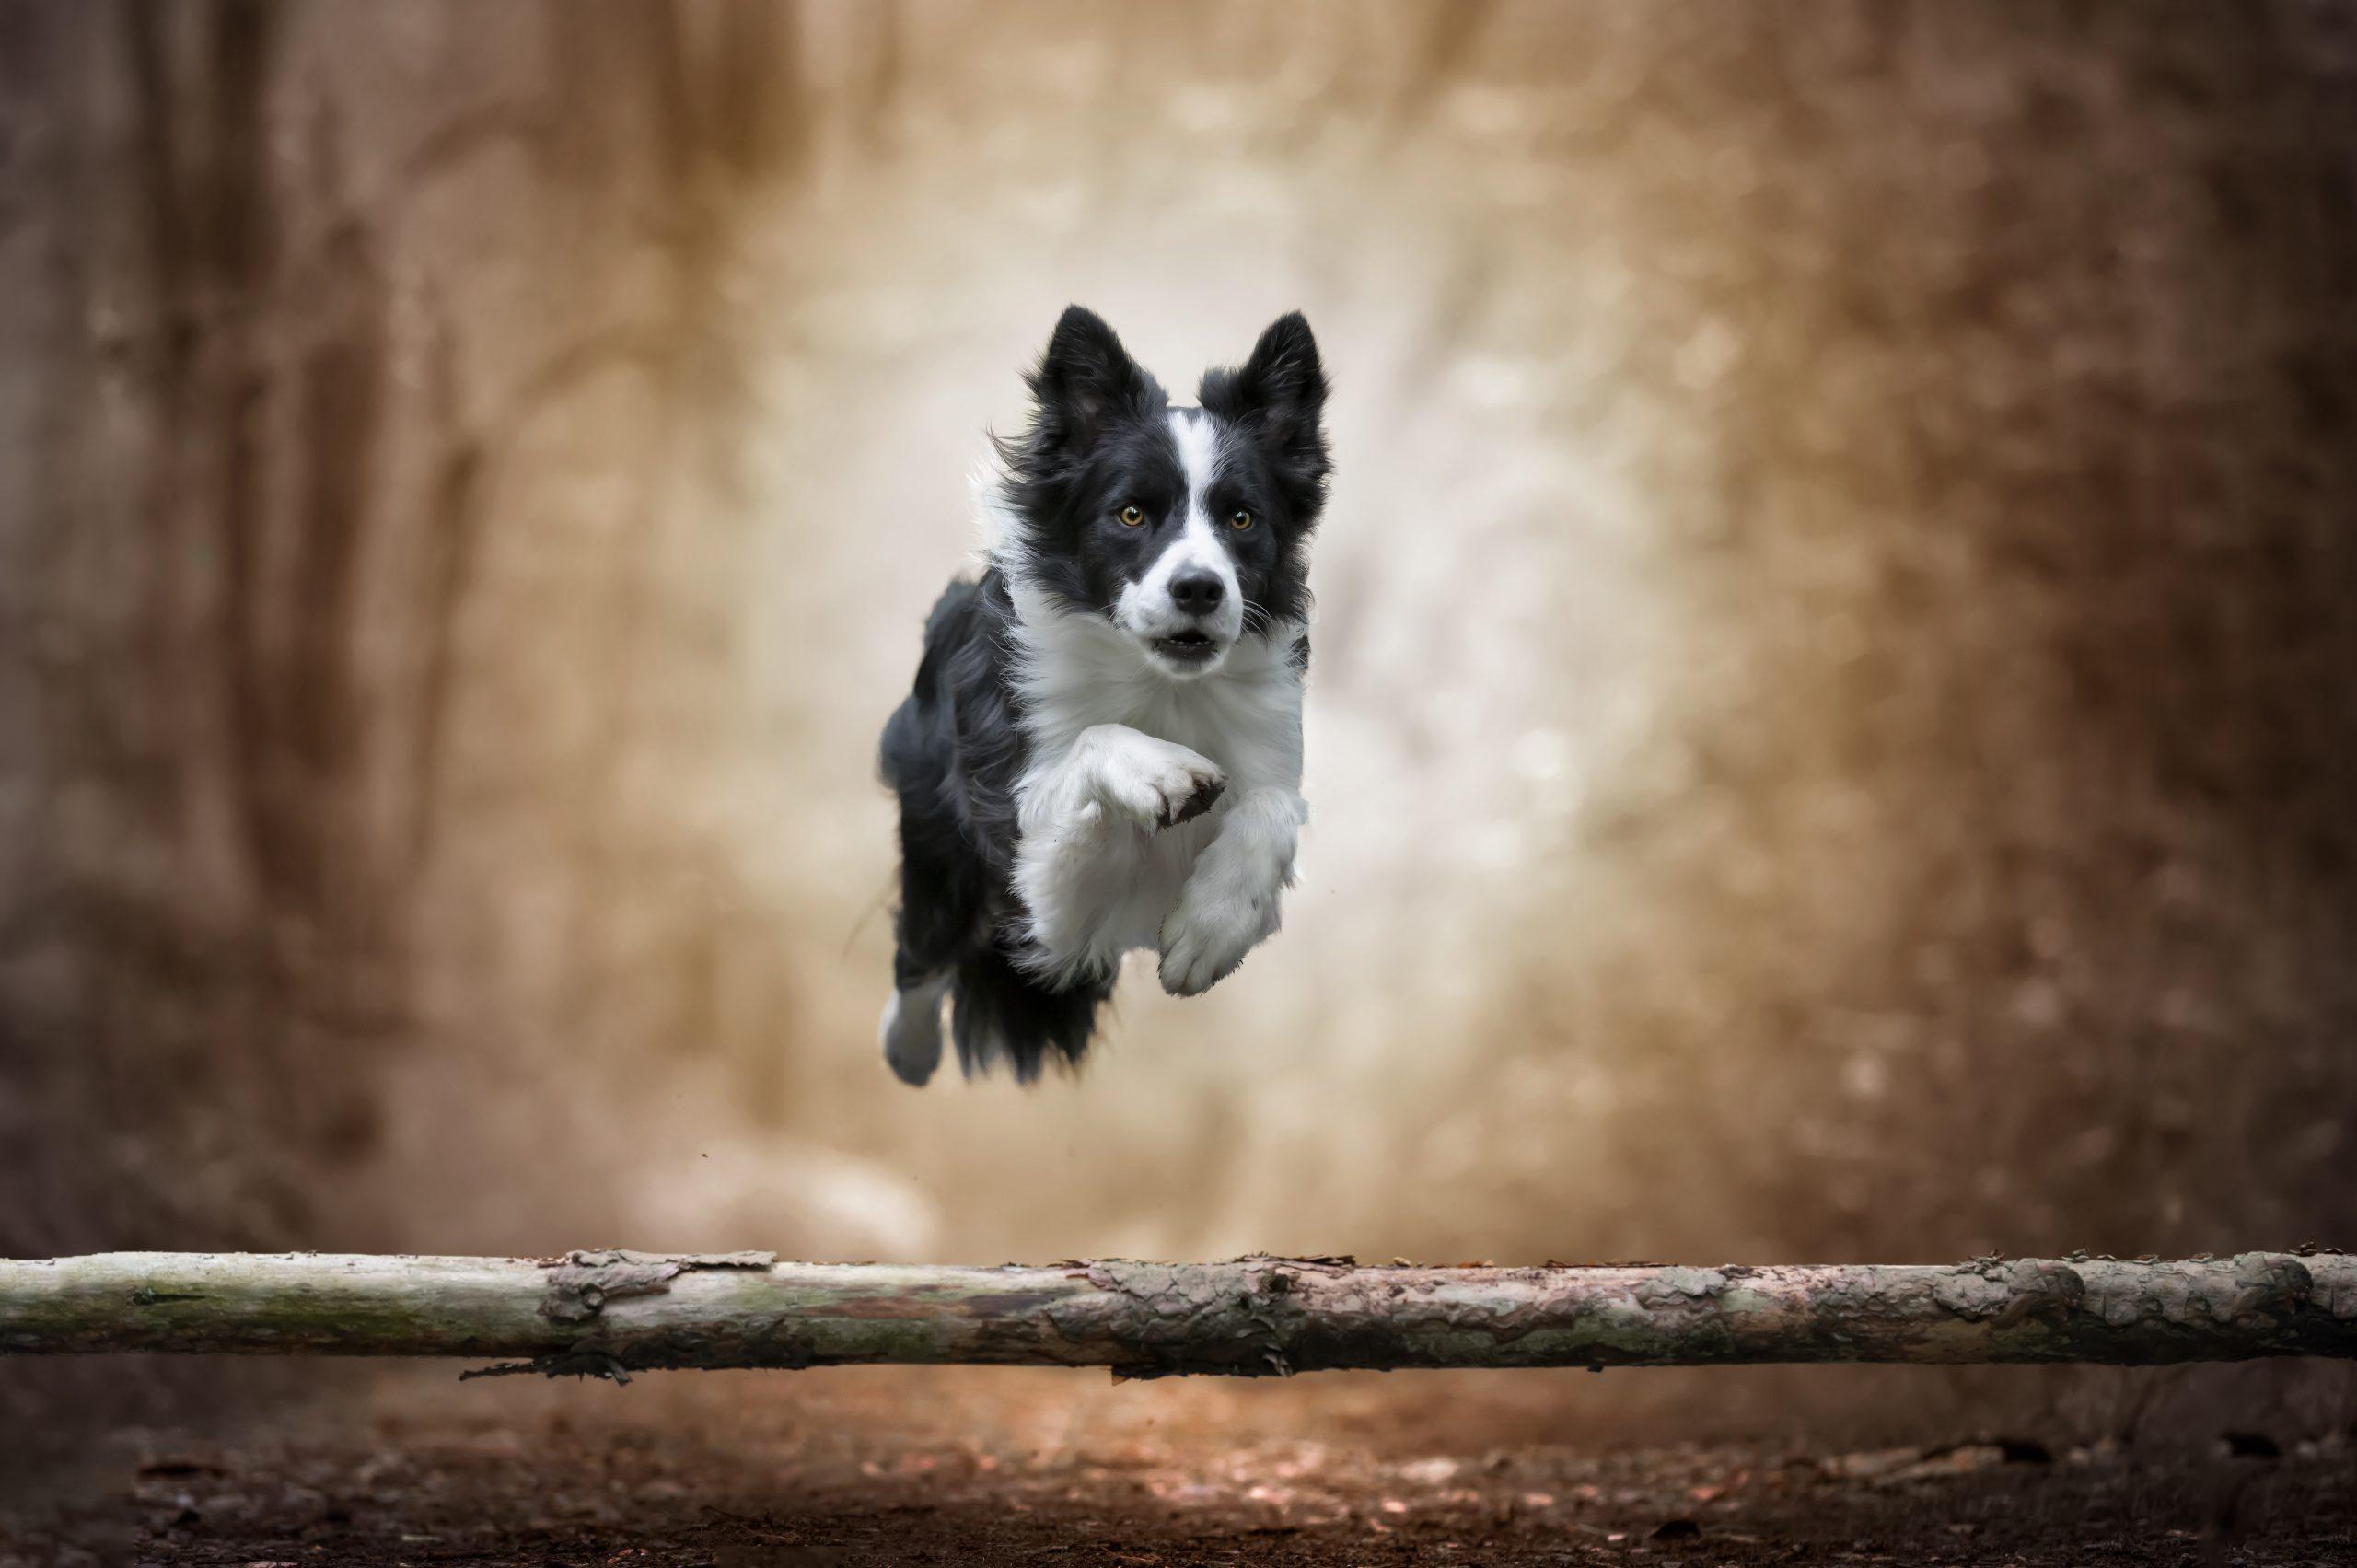 vliegende border collie Pawshoot hondenfotografie